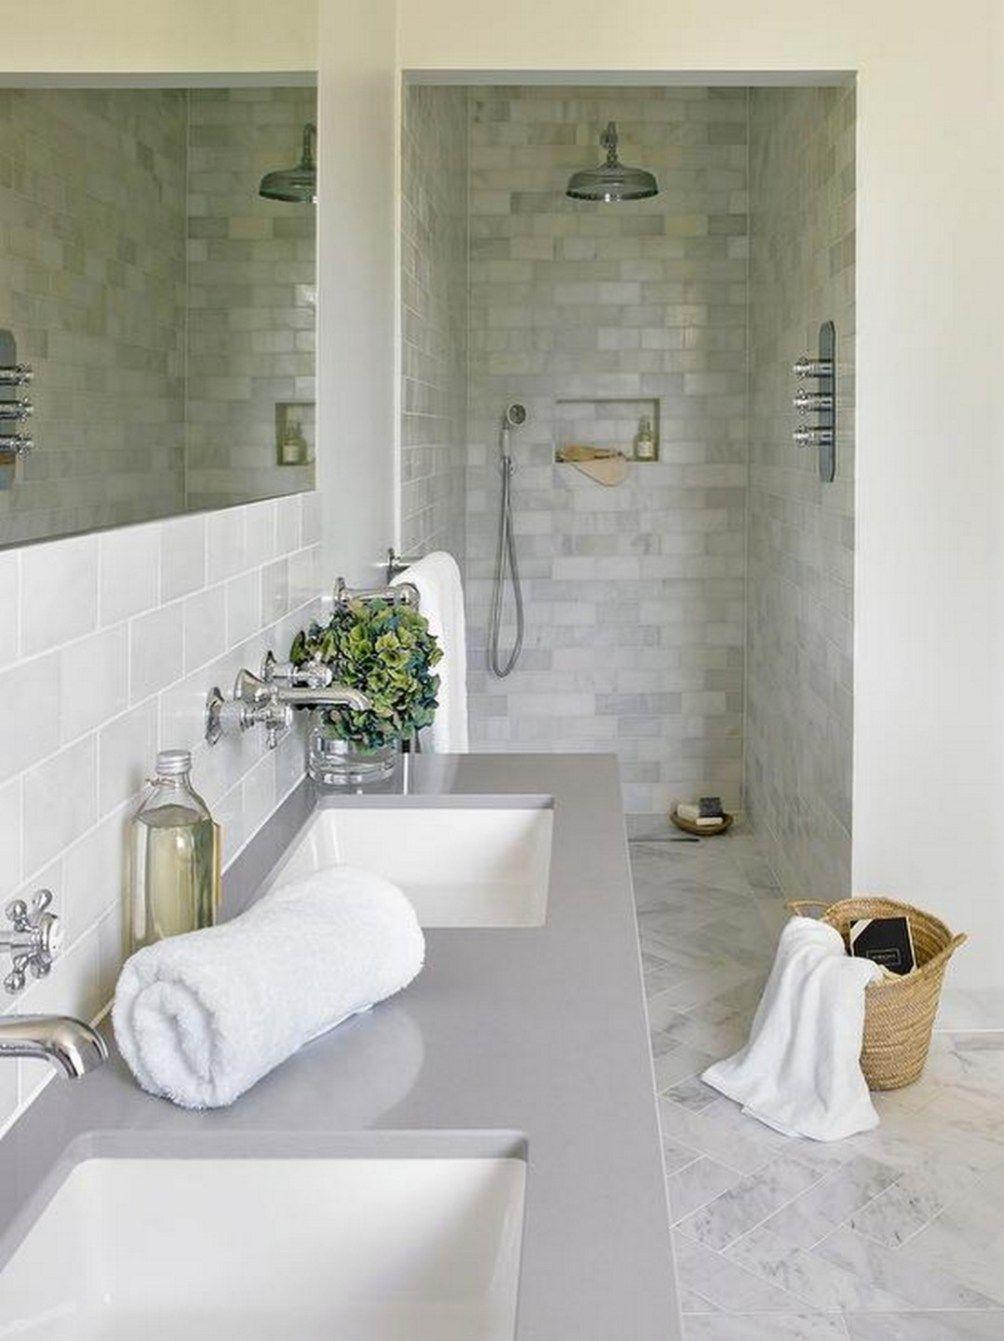 99 New Trends Bathroom Tile Design Inspiration 2017 31: 99 New Trends Bathroom Tile Design Inspiration 2017 (25